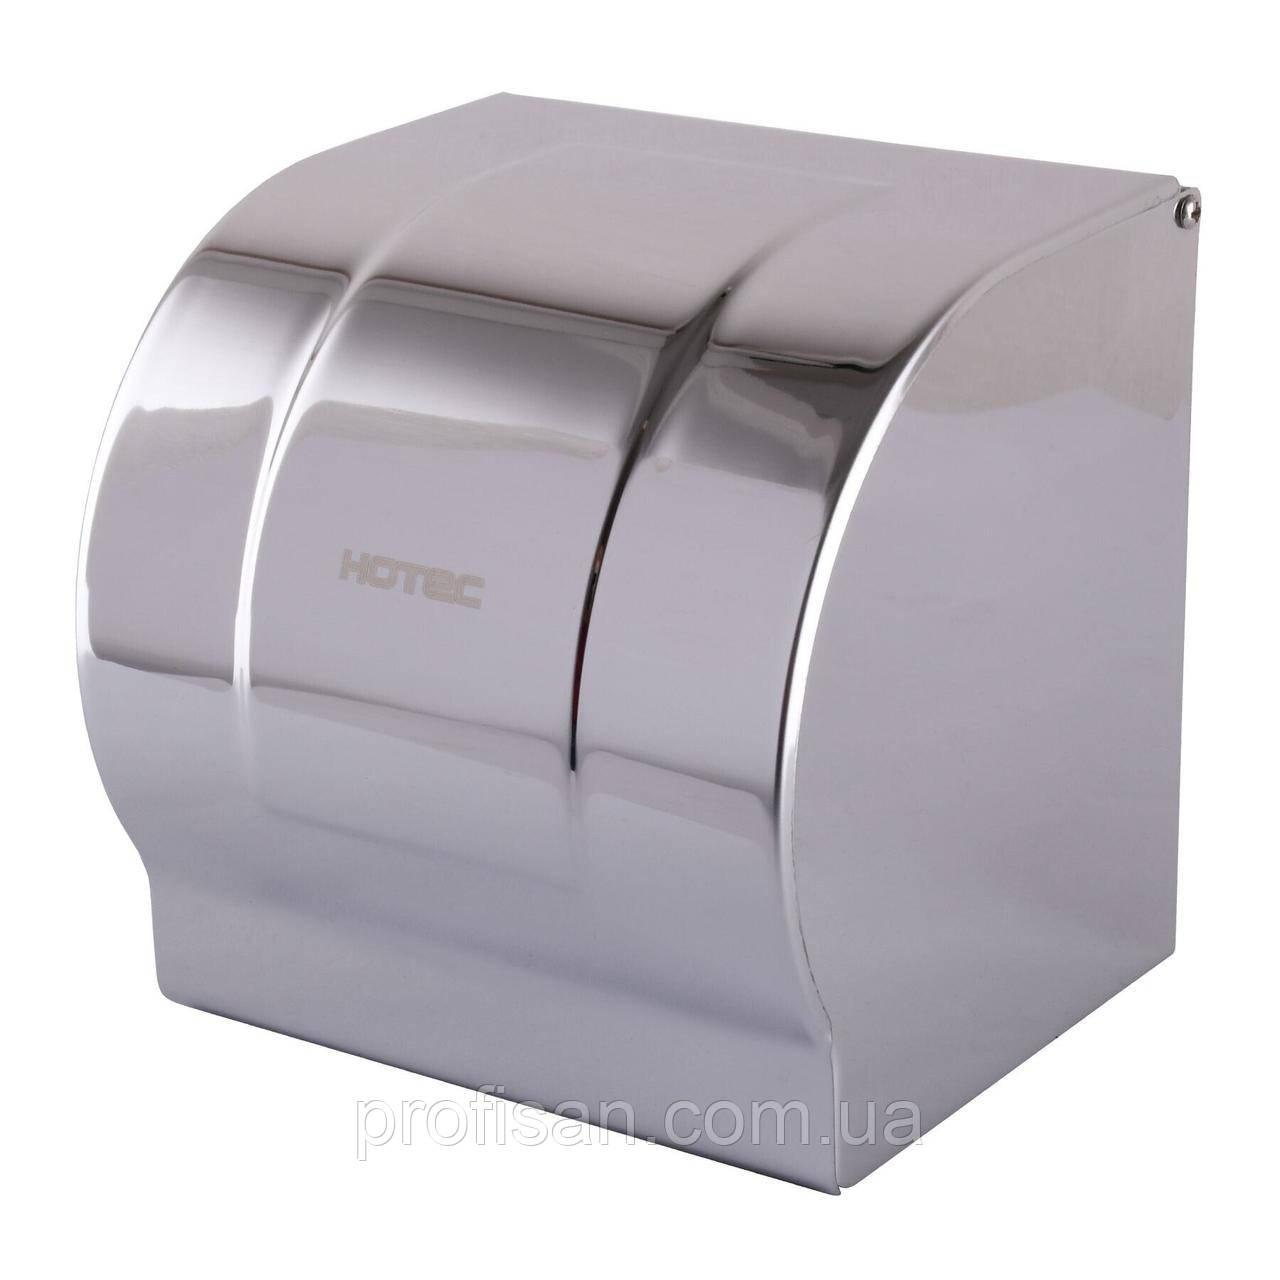 Держатель для туал. бумаги HS-228 (2619)- stainless steel